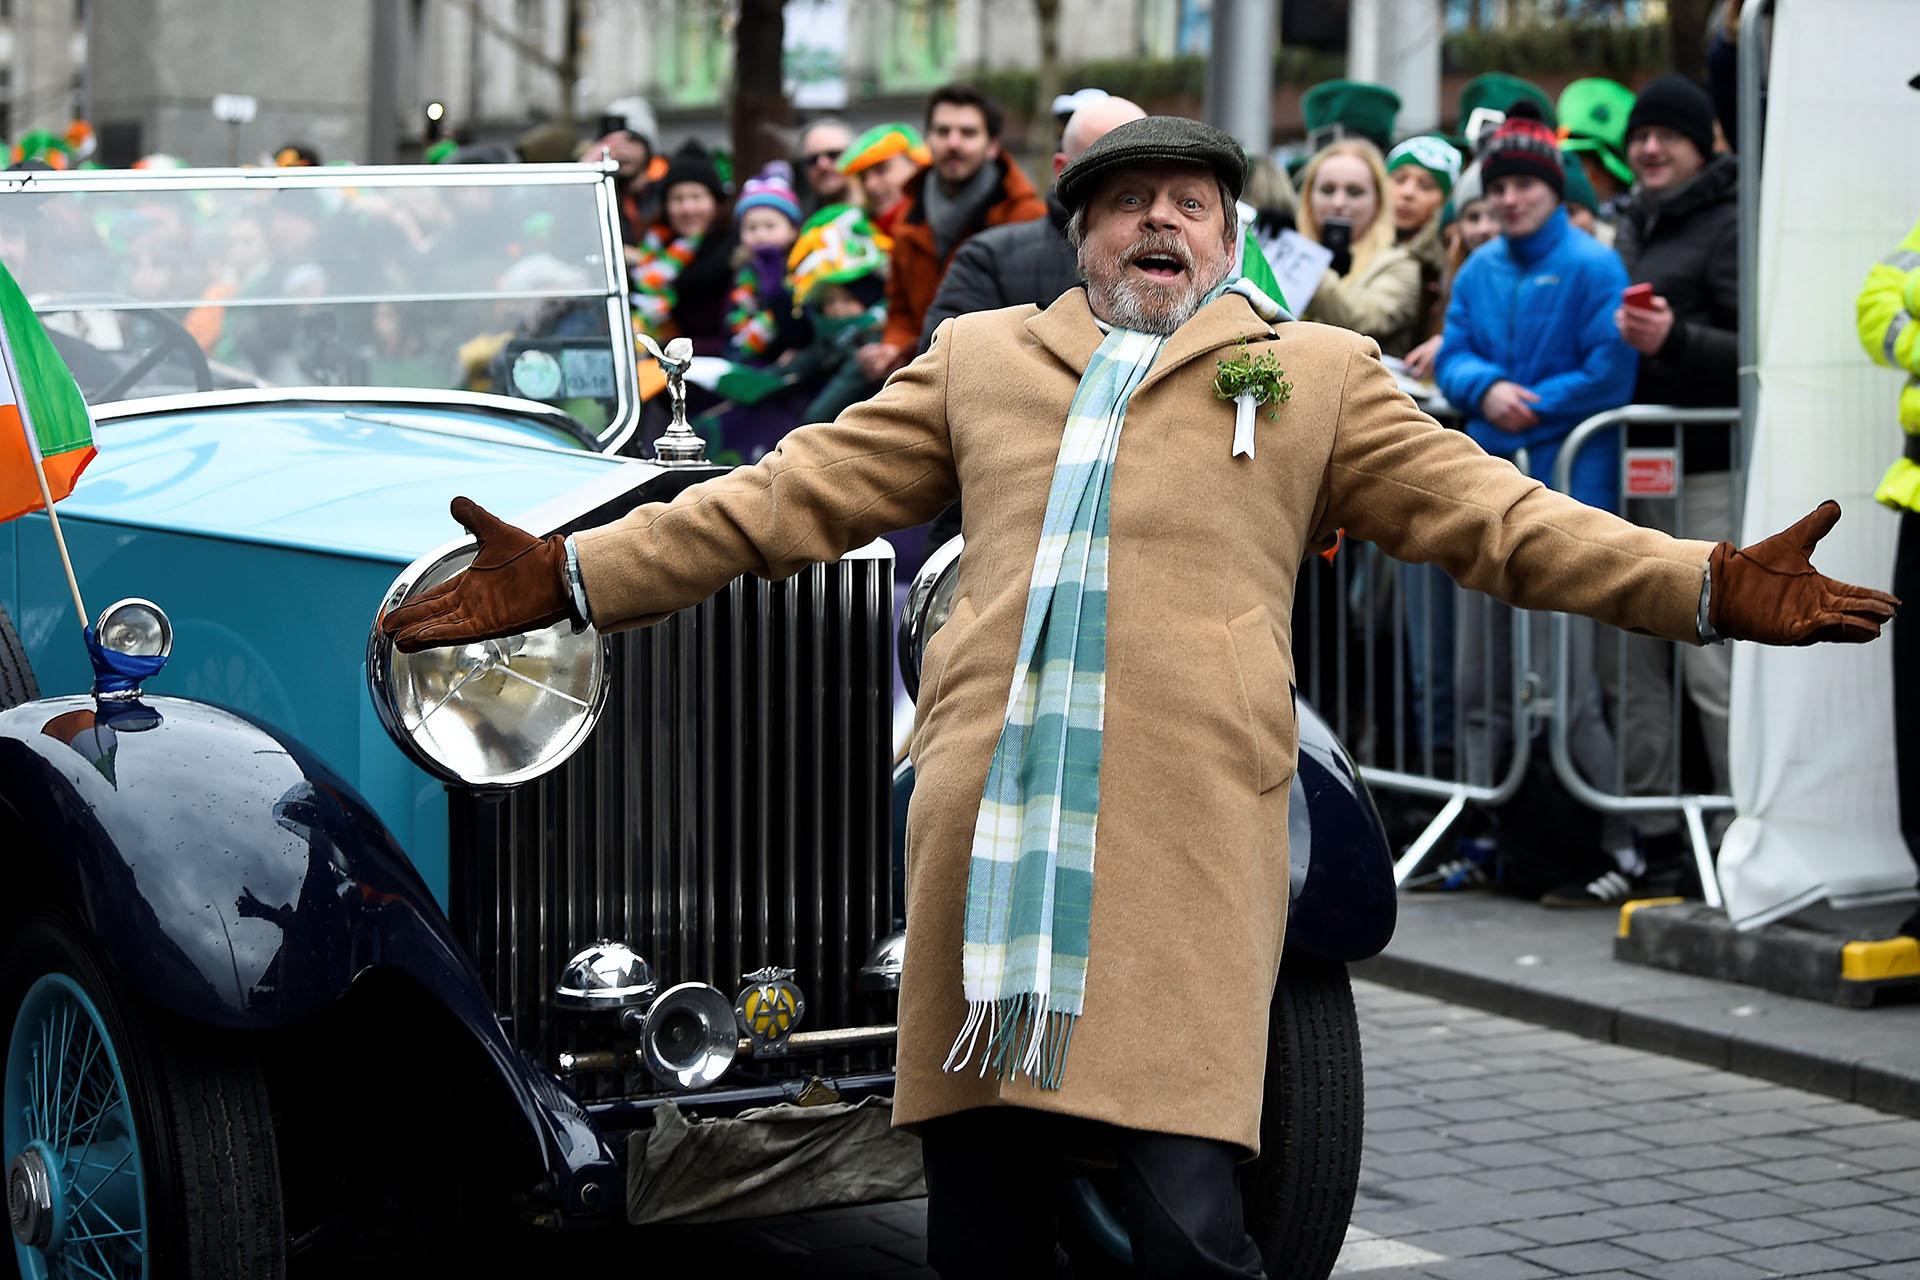 El actor Mark Hamill estuvo en el desfile en Dublin(REUTERS/Clodagh Kilcoyne)